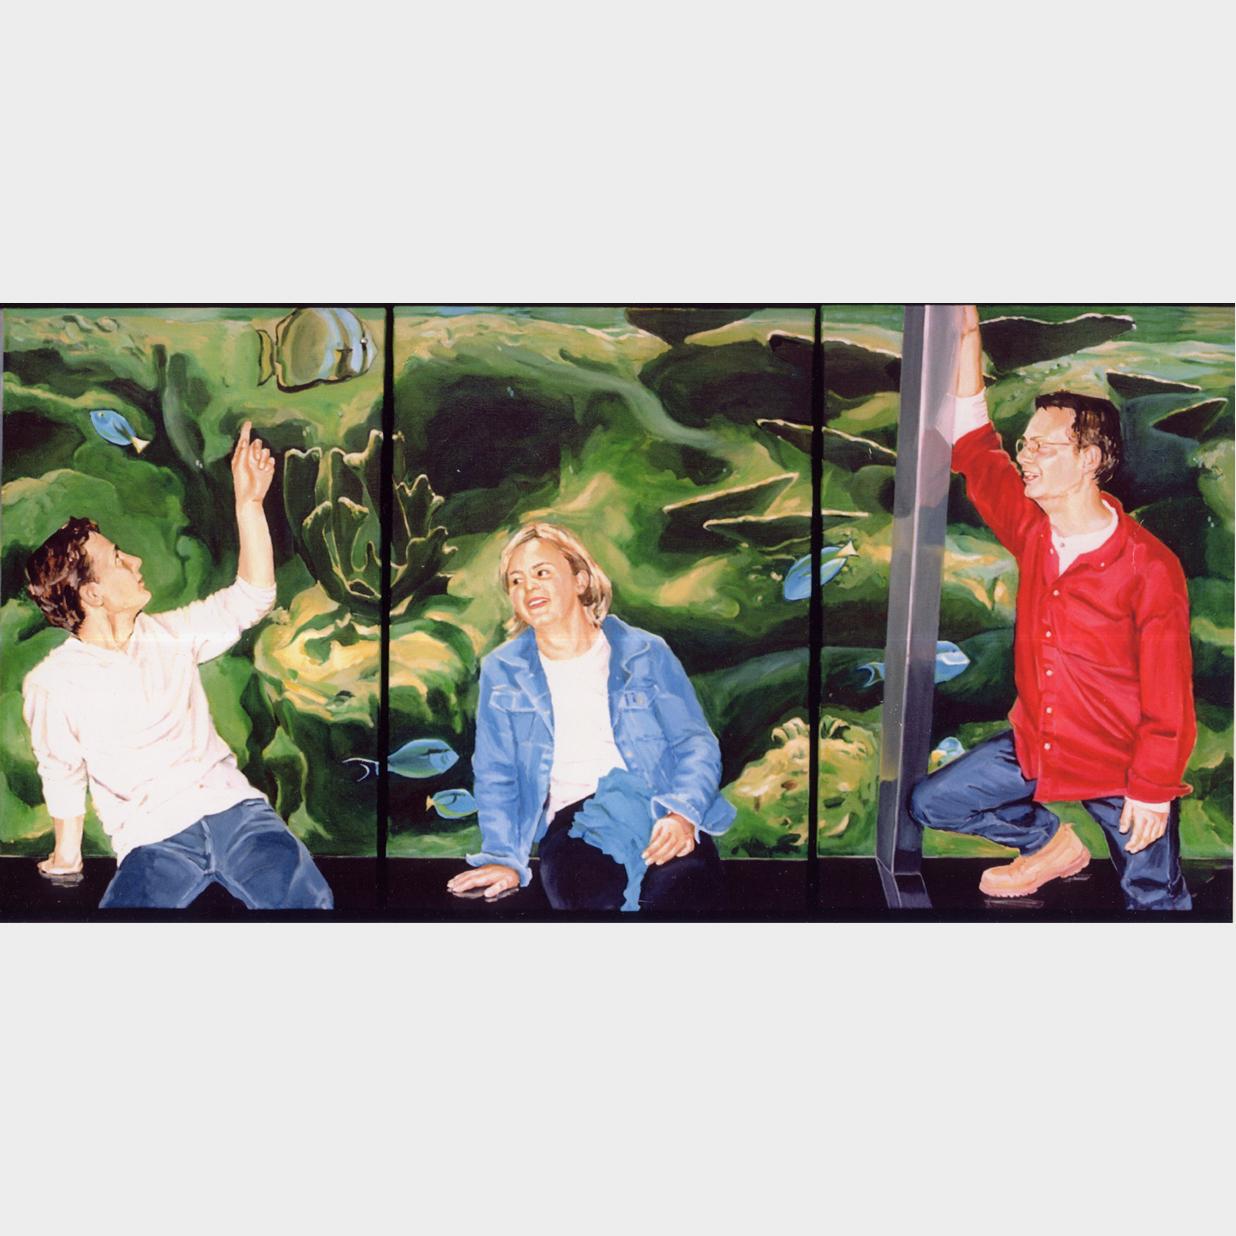 familiedrieluik in Artis, 3 olieverfschilderijen van 50 x 100 cm, 1998